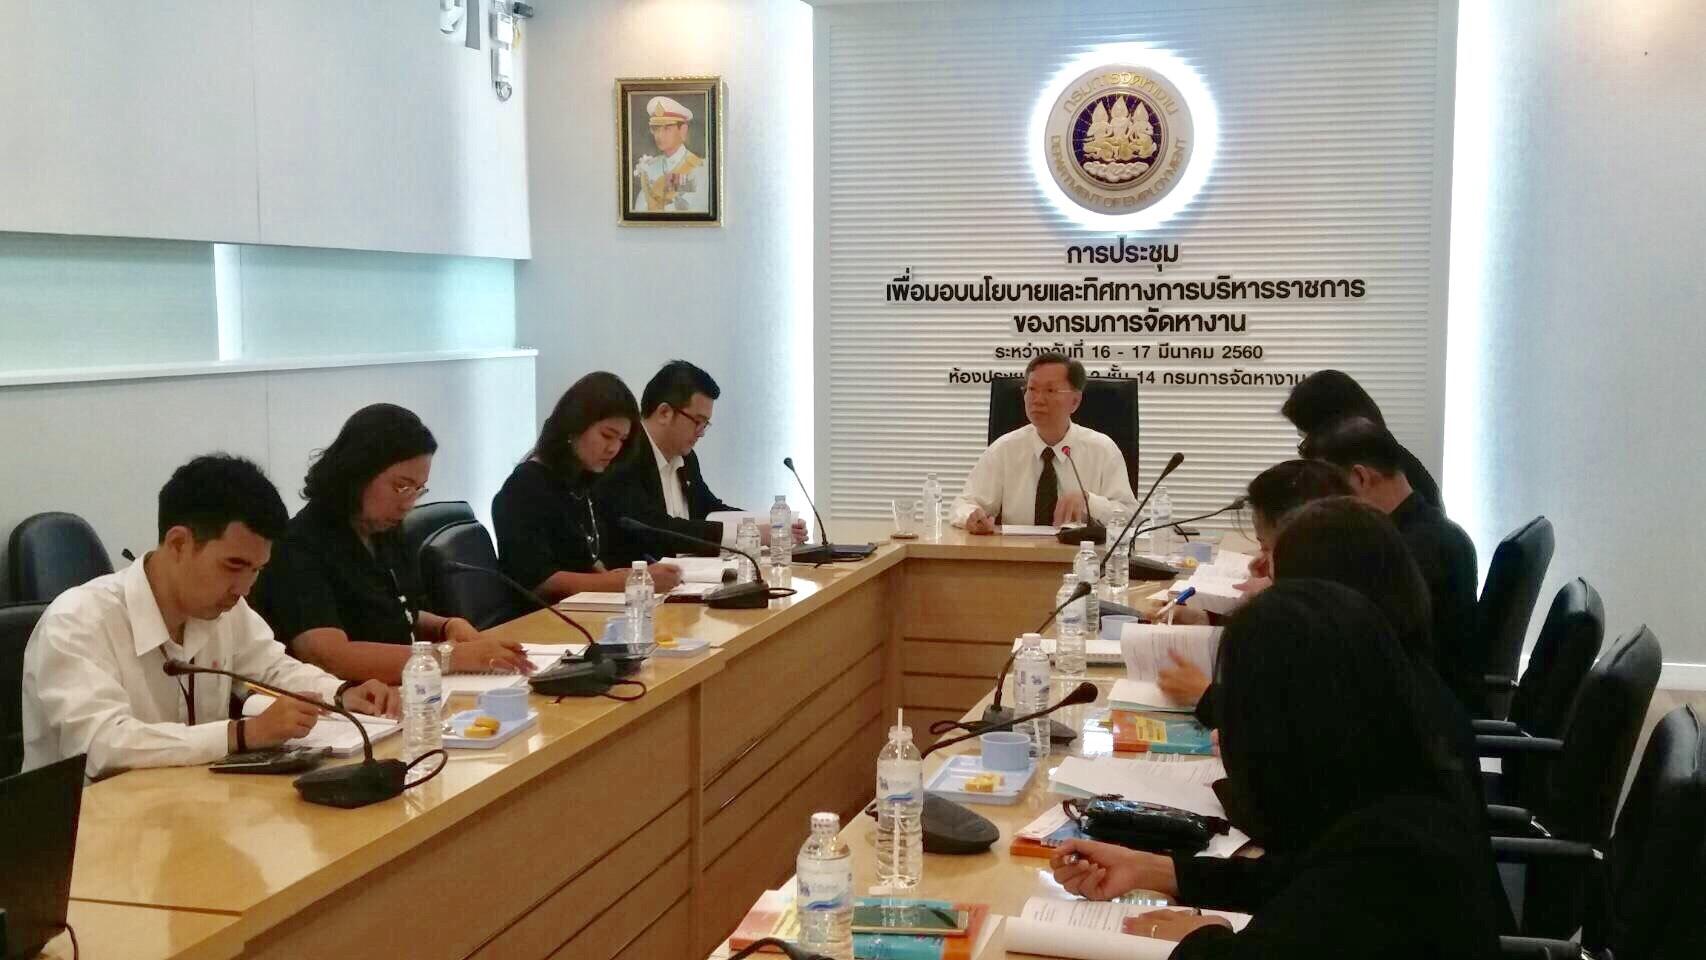 ประชุมคณะทำงานเทคโนโลยีสารสนเทศและการสื่อสารของกรมการจัดหางาน ครั้งที่ 2/2560